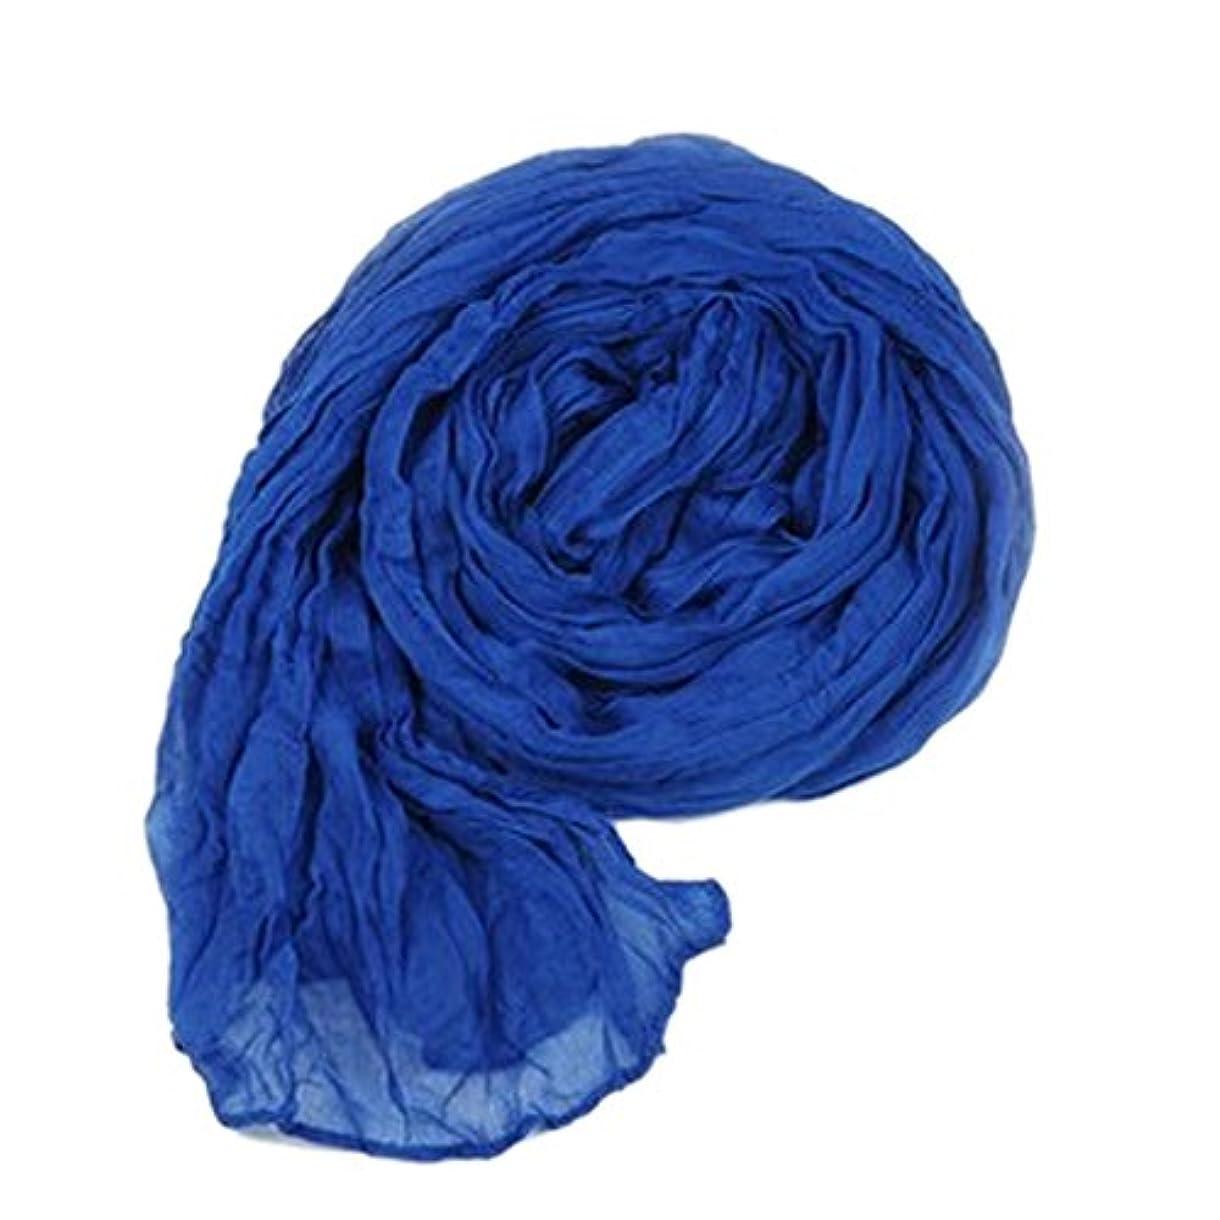 ハイジャック海藻枢機卿YiyiLai 軽やか シンプル リネン ストール 大判 薄手 マフラー 無地 綿麻製スカーフ レディース ショール ブルー